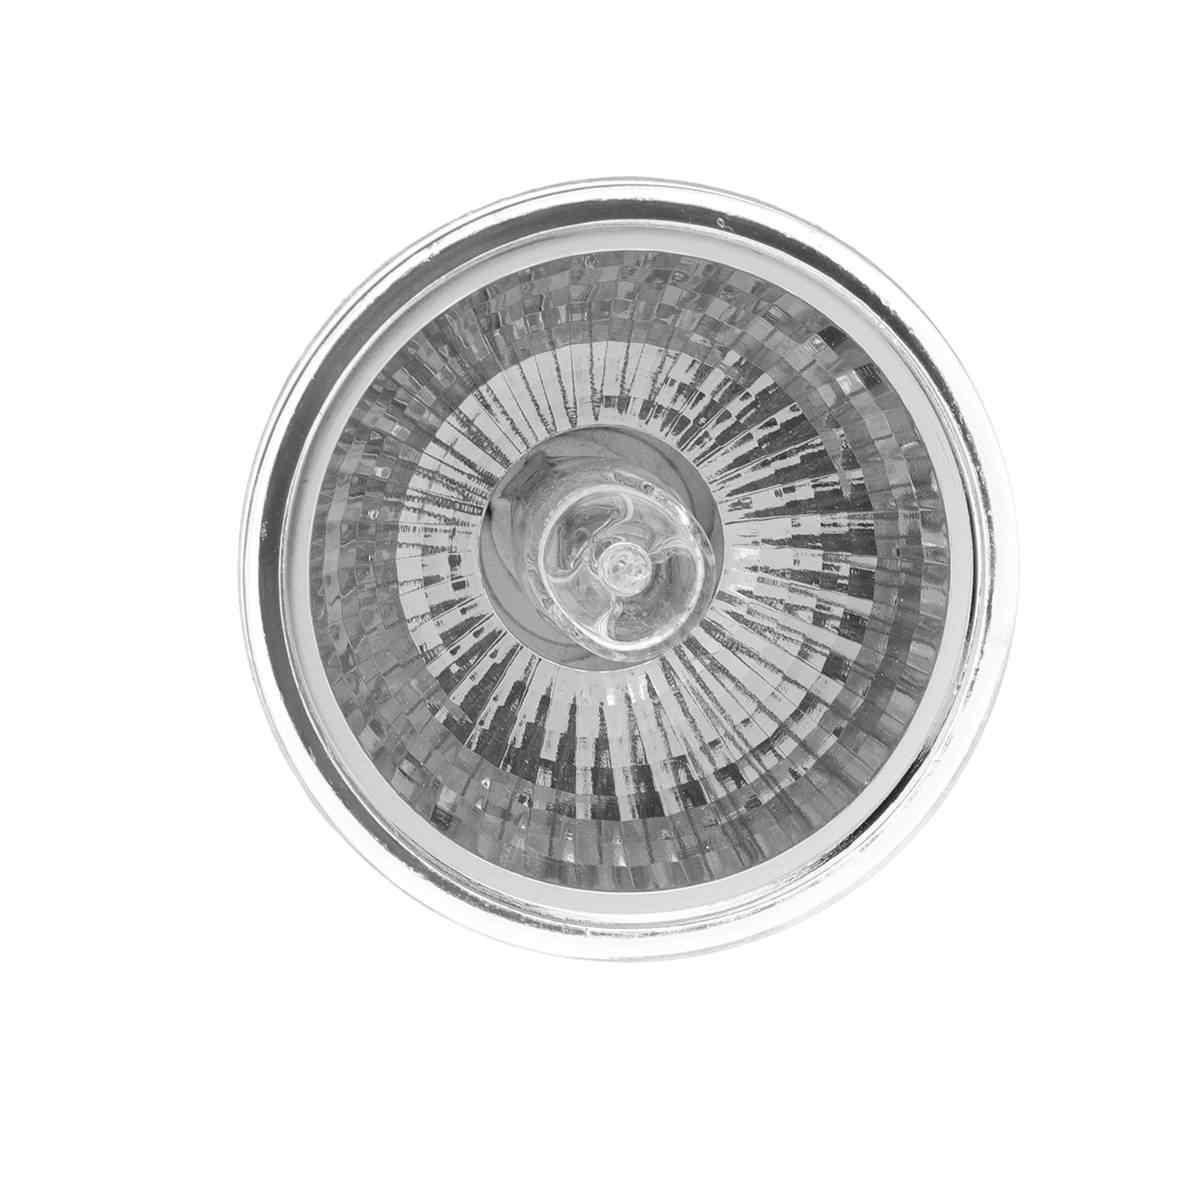 25/50/75 วัตต์ UVA + UVB หลอดไฟเต่า Basking UV หลอดไฟความร้อน Amphibians จิ้งจกอุณหภูมิ Controller